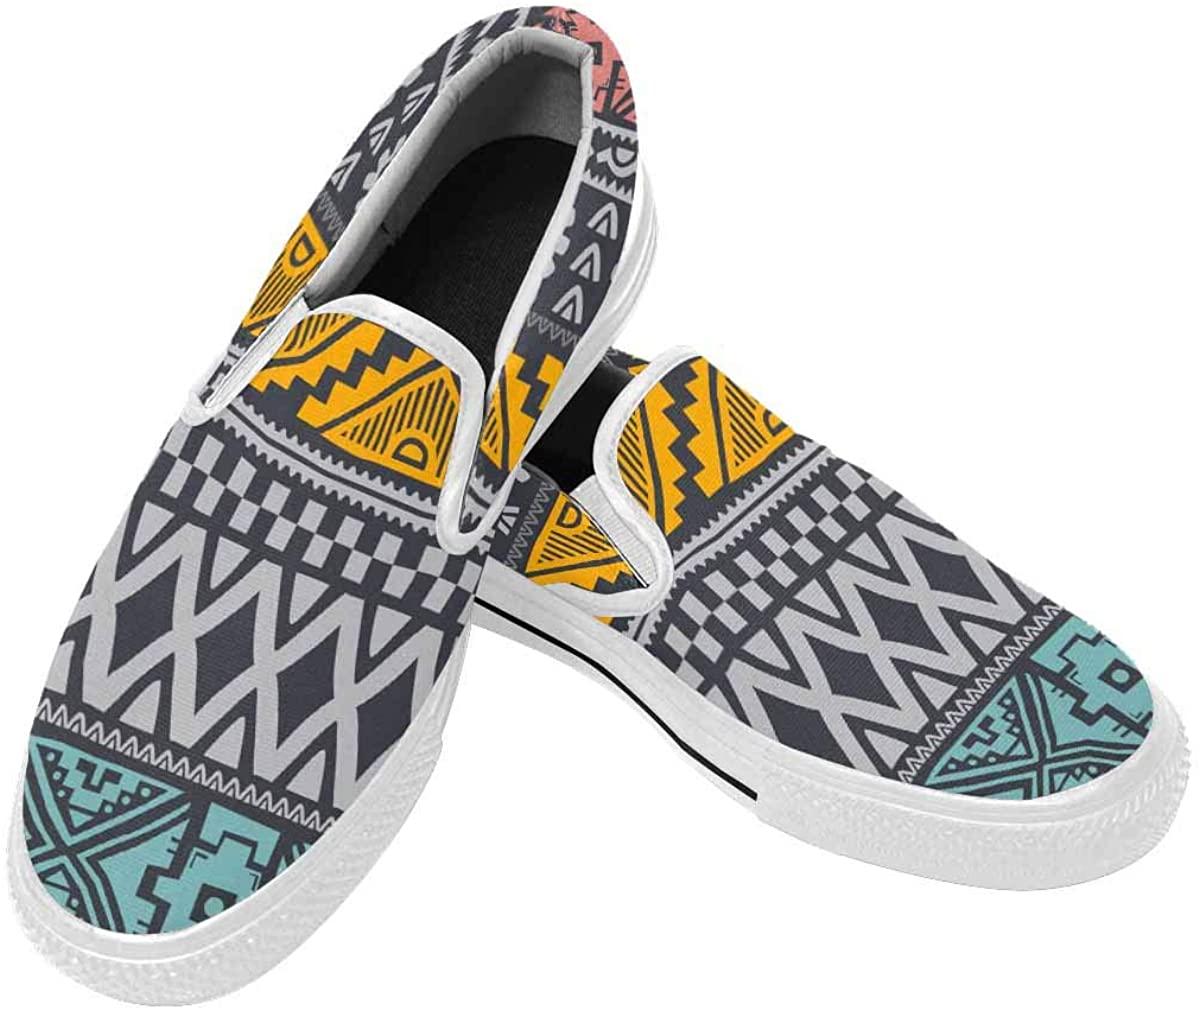 InterestPrint Canvas Lightweight Sneakers Slip-On Walking Casual Shoes foe Men Native Tribe Pattern